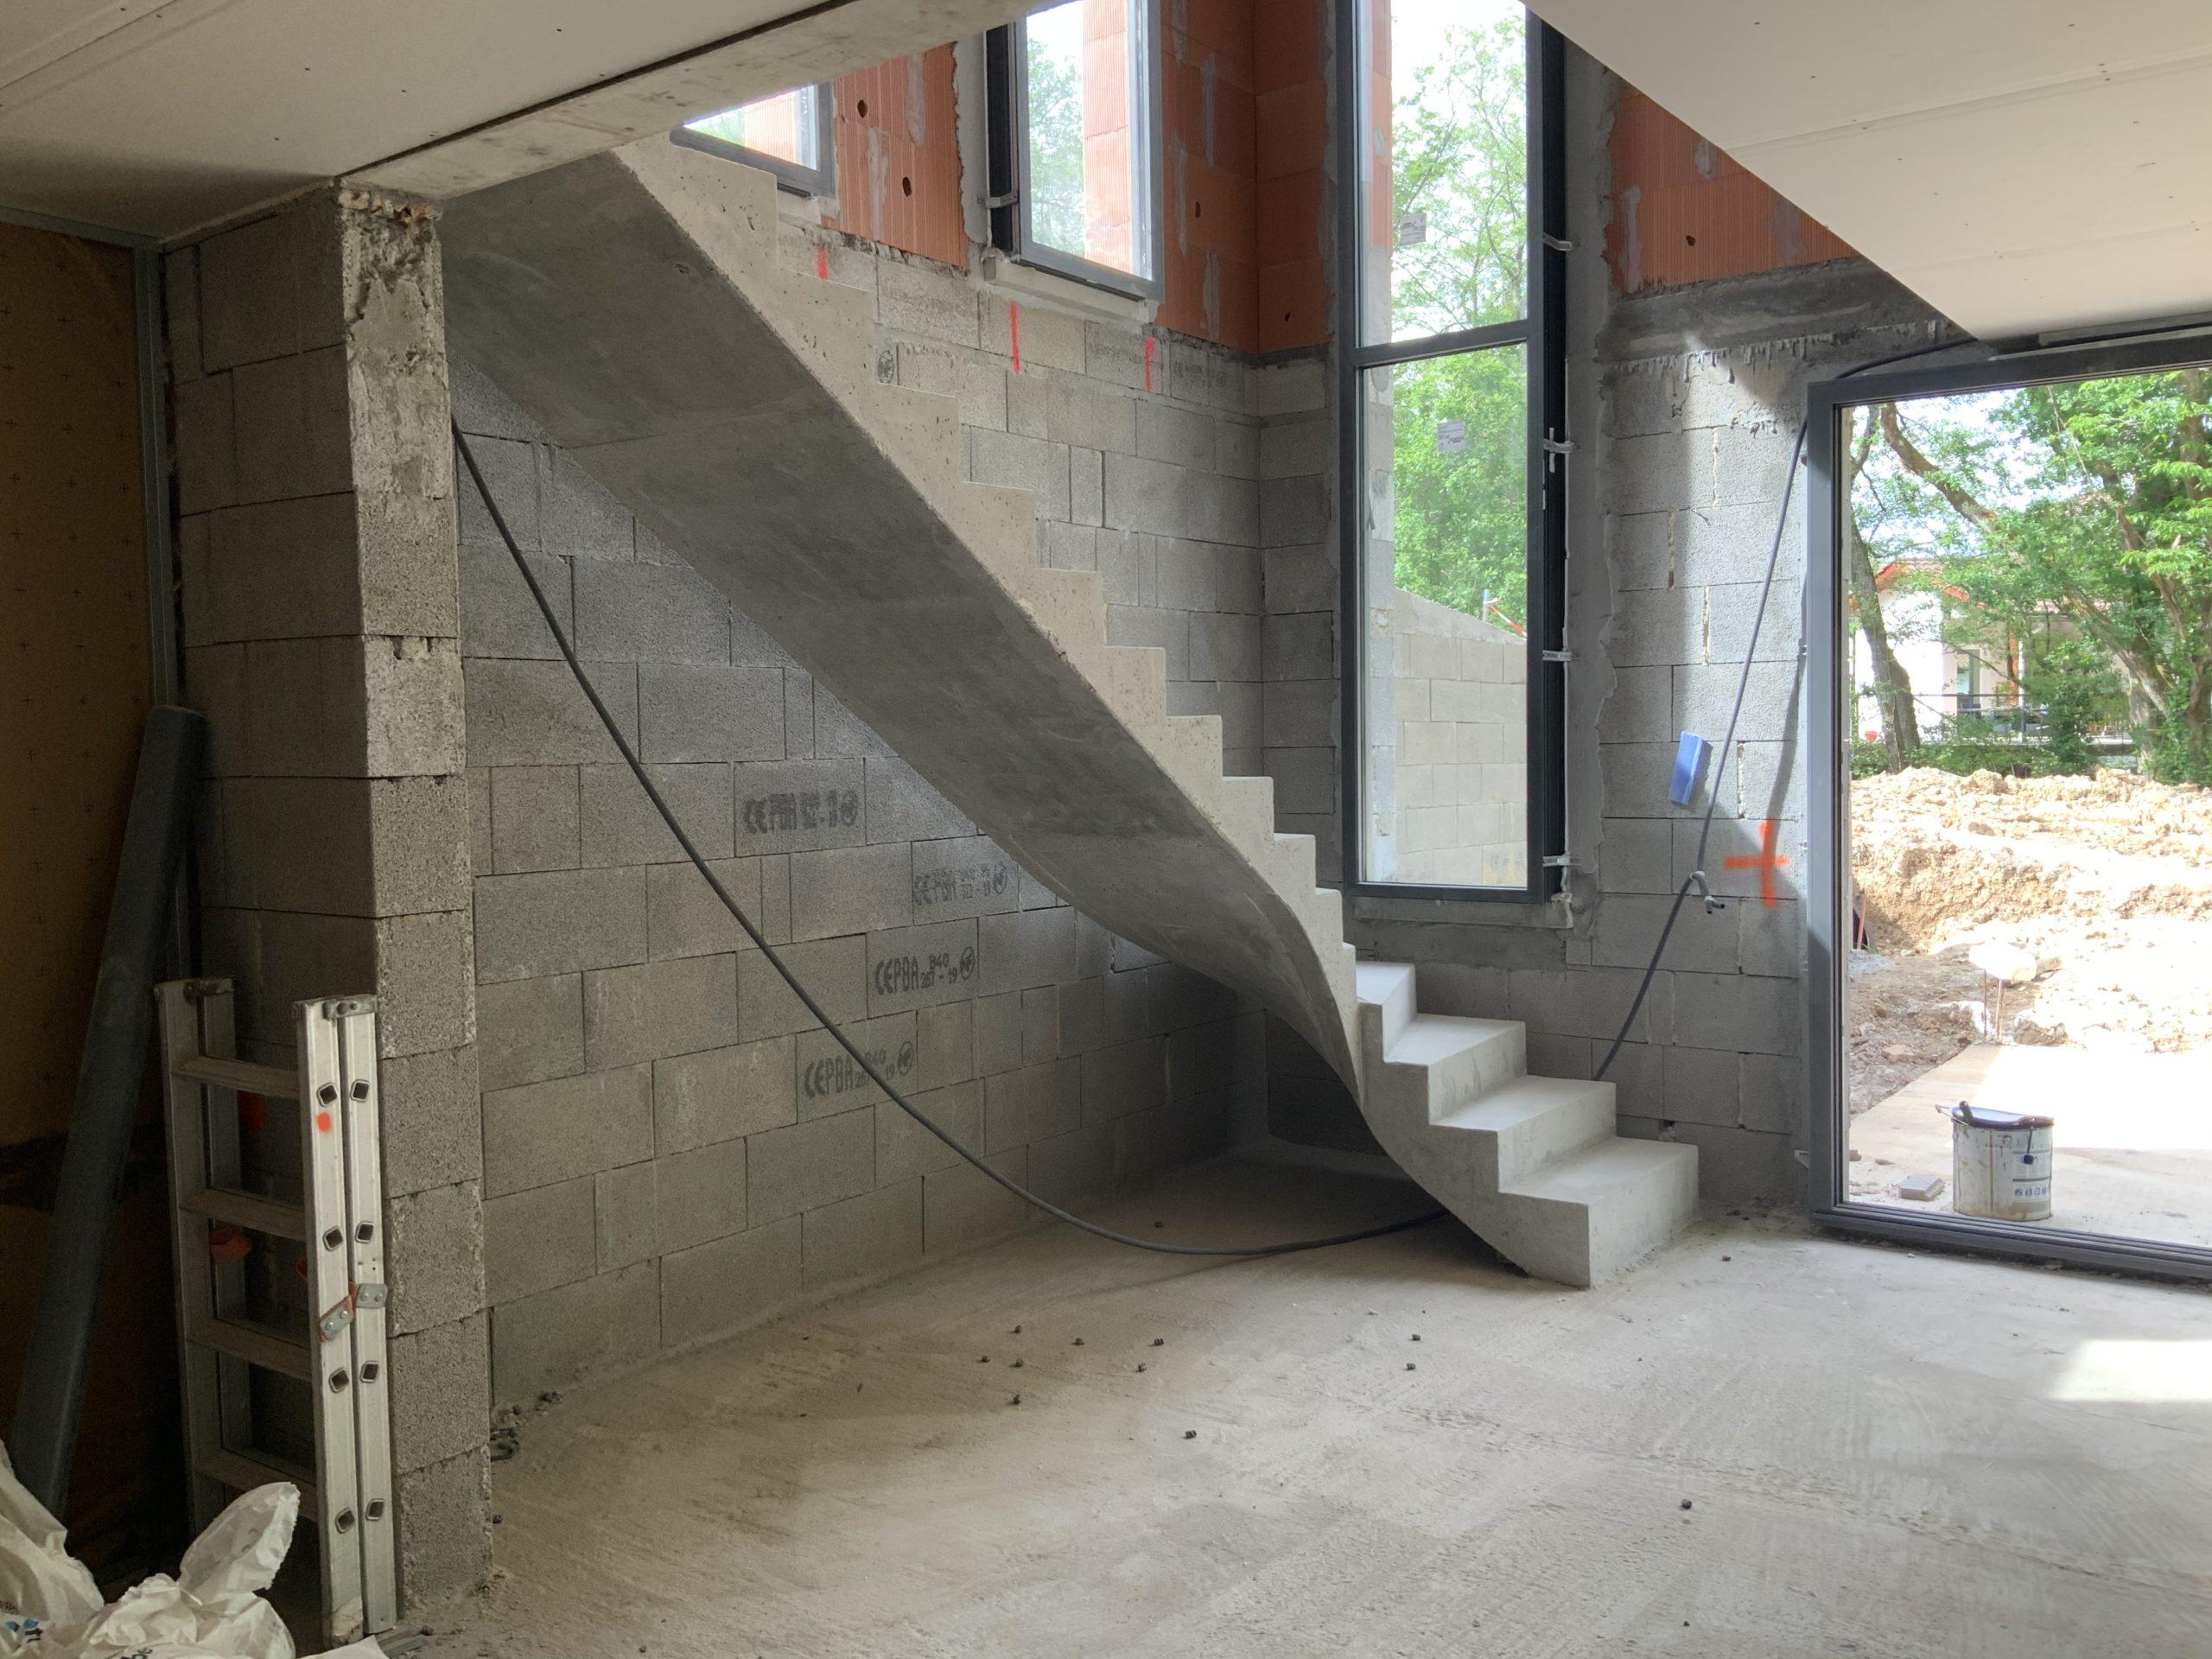 Réalisation d'un escalier béton intérieur